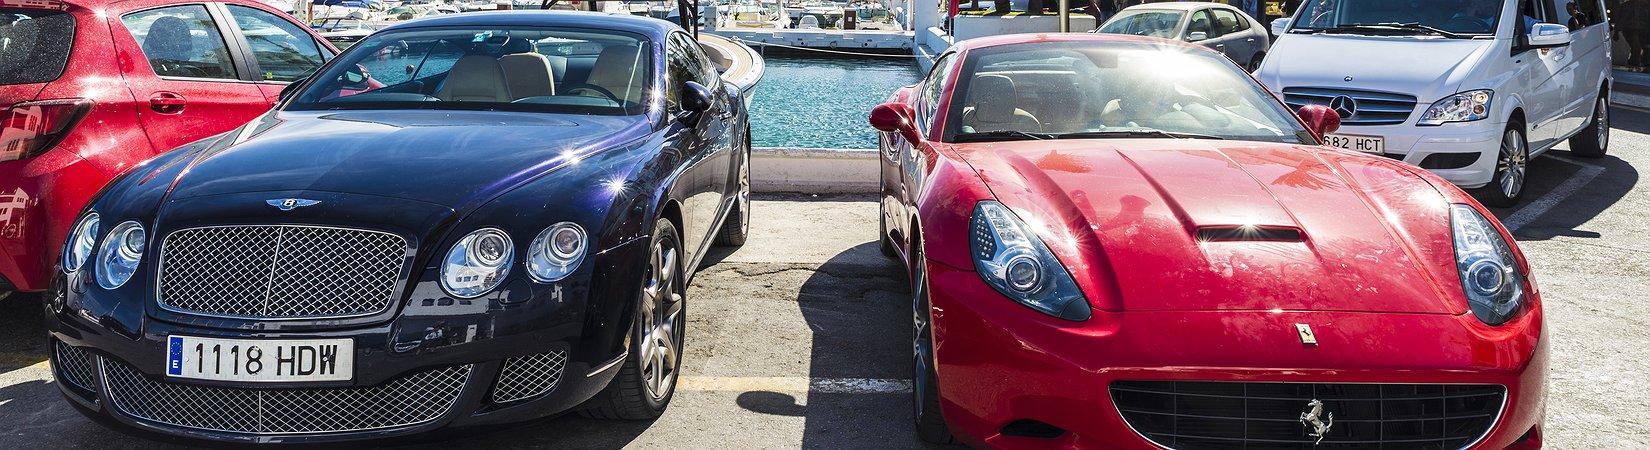 Carros de luxo voltam a ser um grande investimento